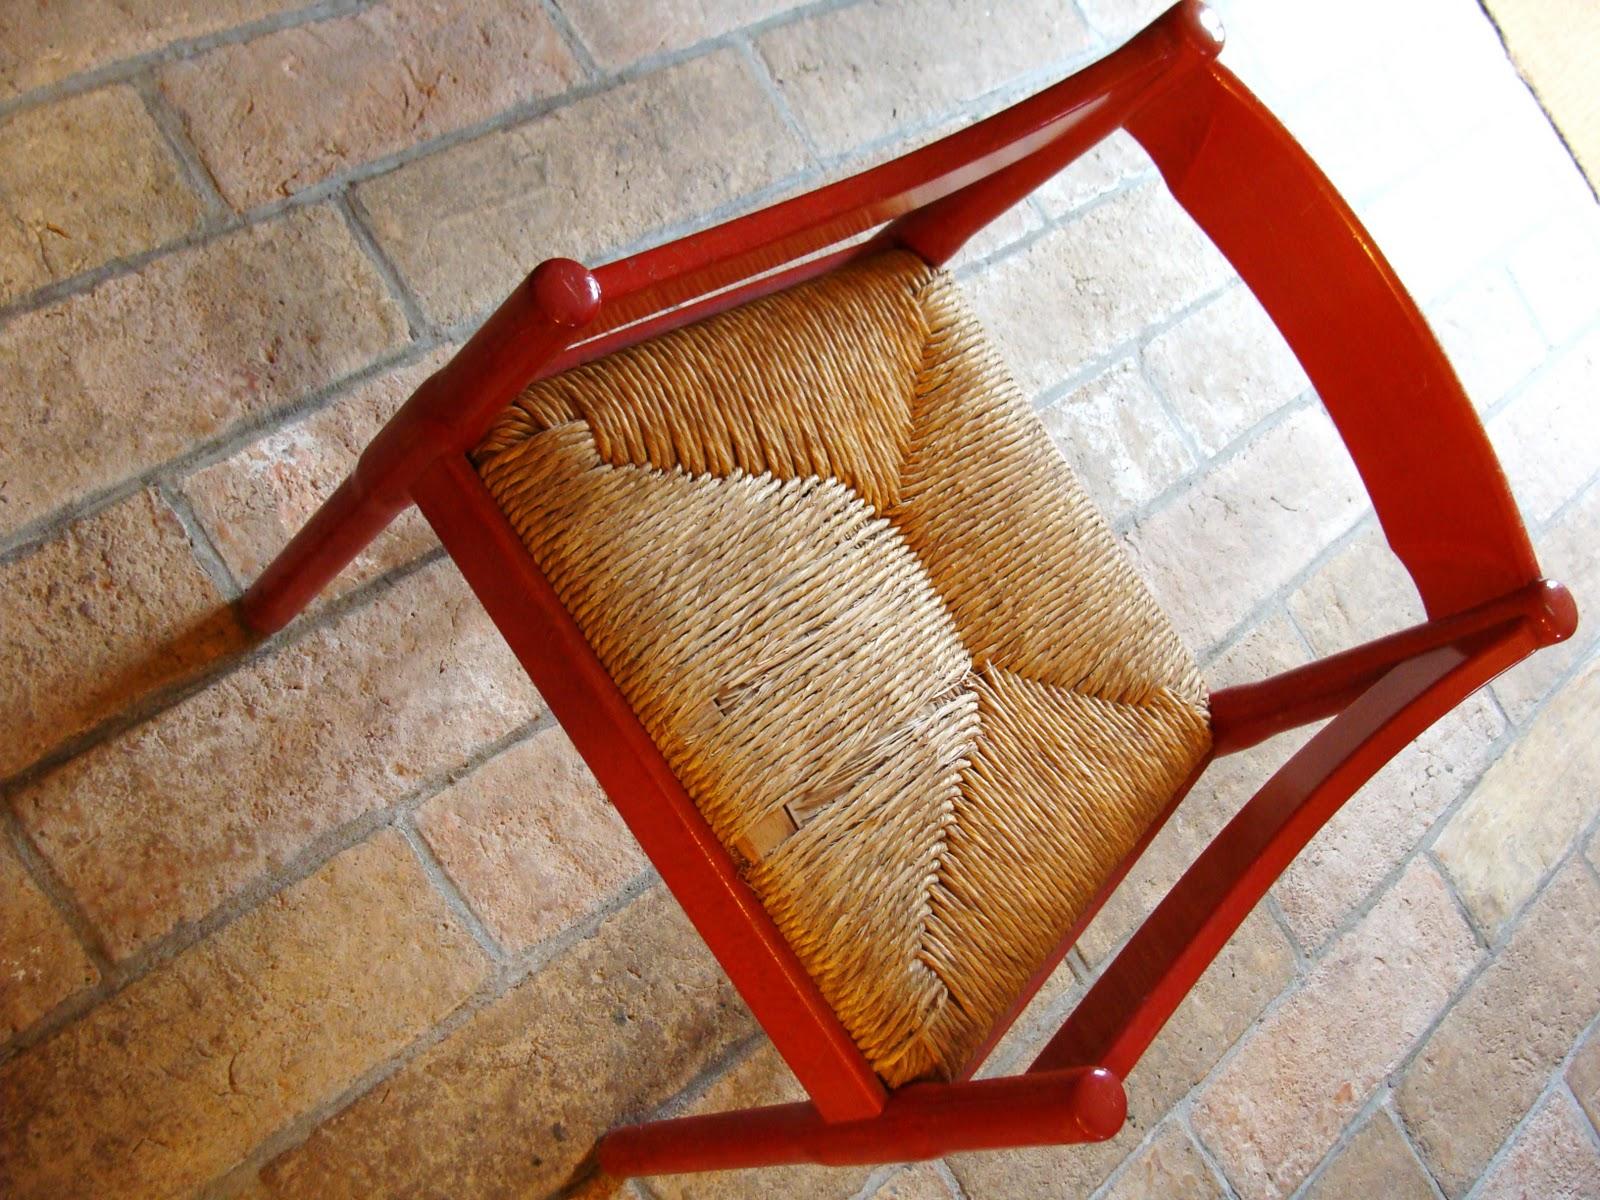 Autofocus sedia impagliata for Sedia design anni 70